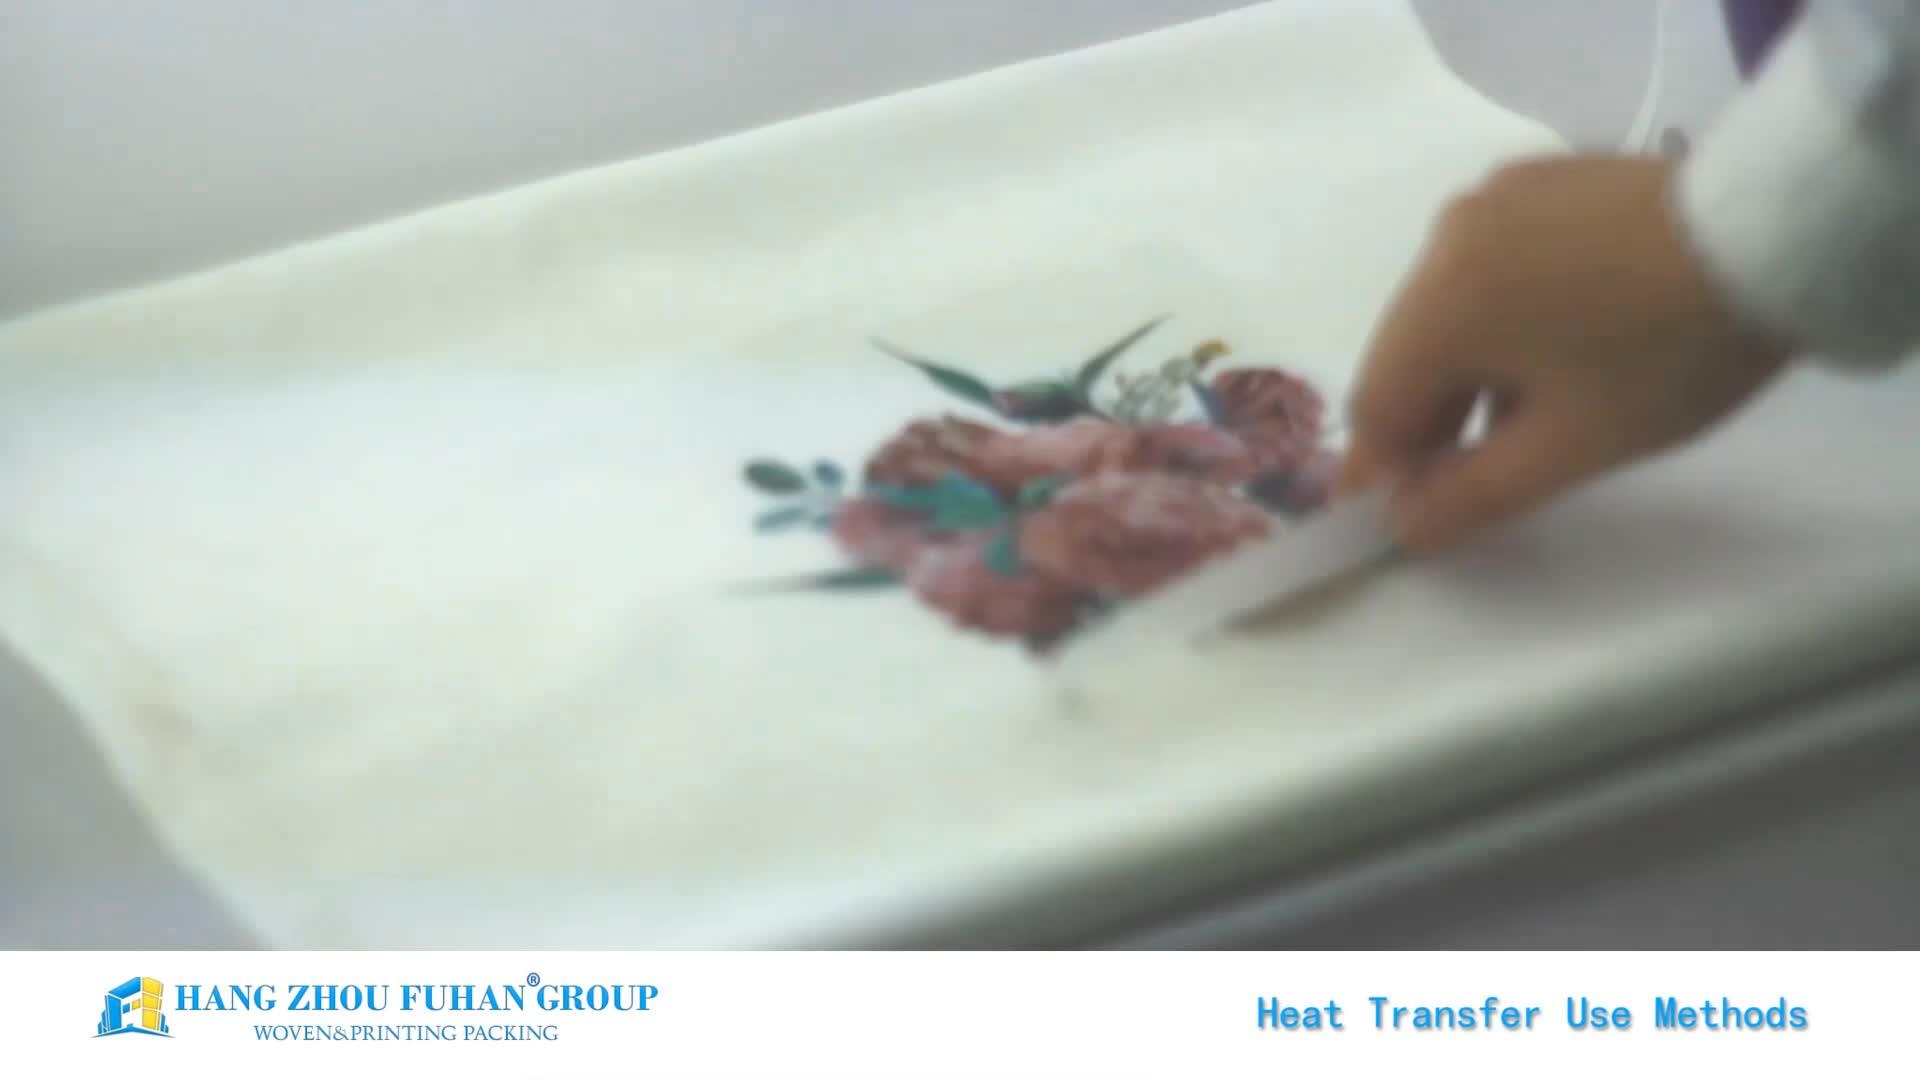 การออกแบบที่กำหนดเองเงินสติกเกอร์การถ่ายเทความร้อนสำหรับเสื้อยืด